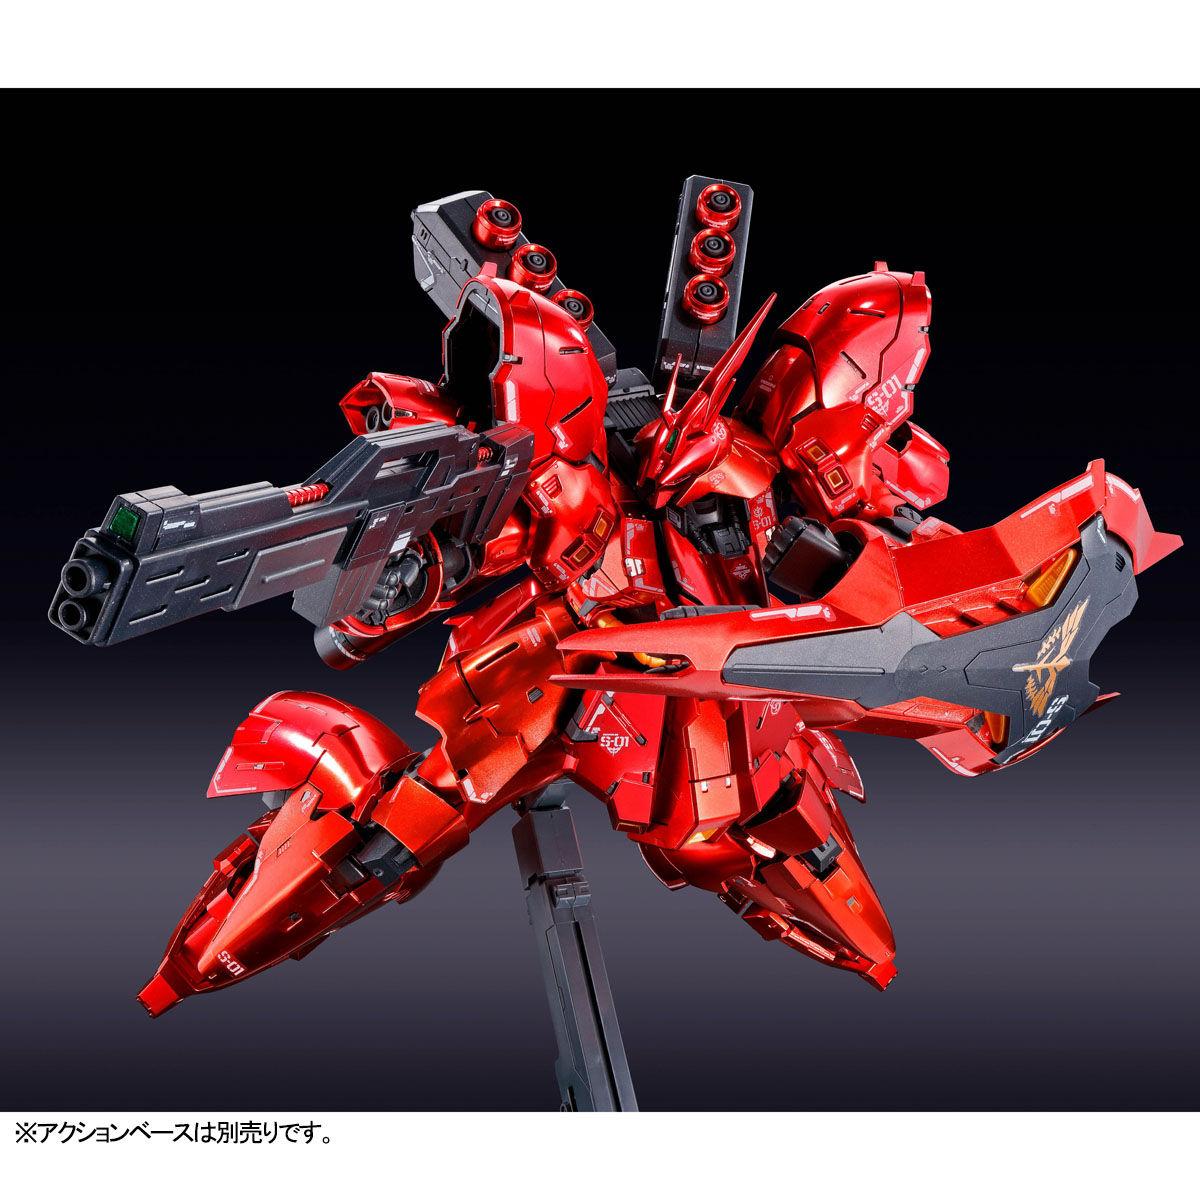 【限定販売】【再販】RG 1/144『サザビー[スペシャルコーティング]』逆襲のシャア プラモデル-004